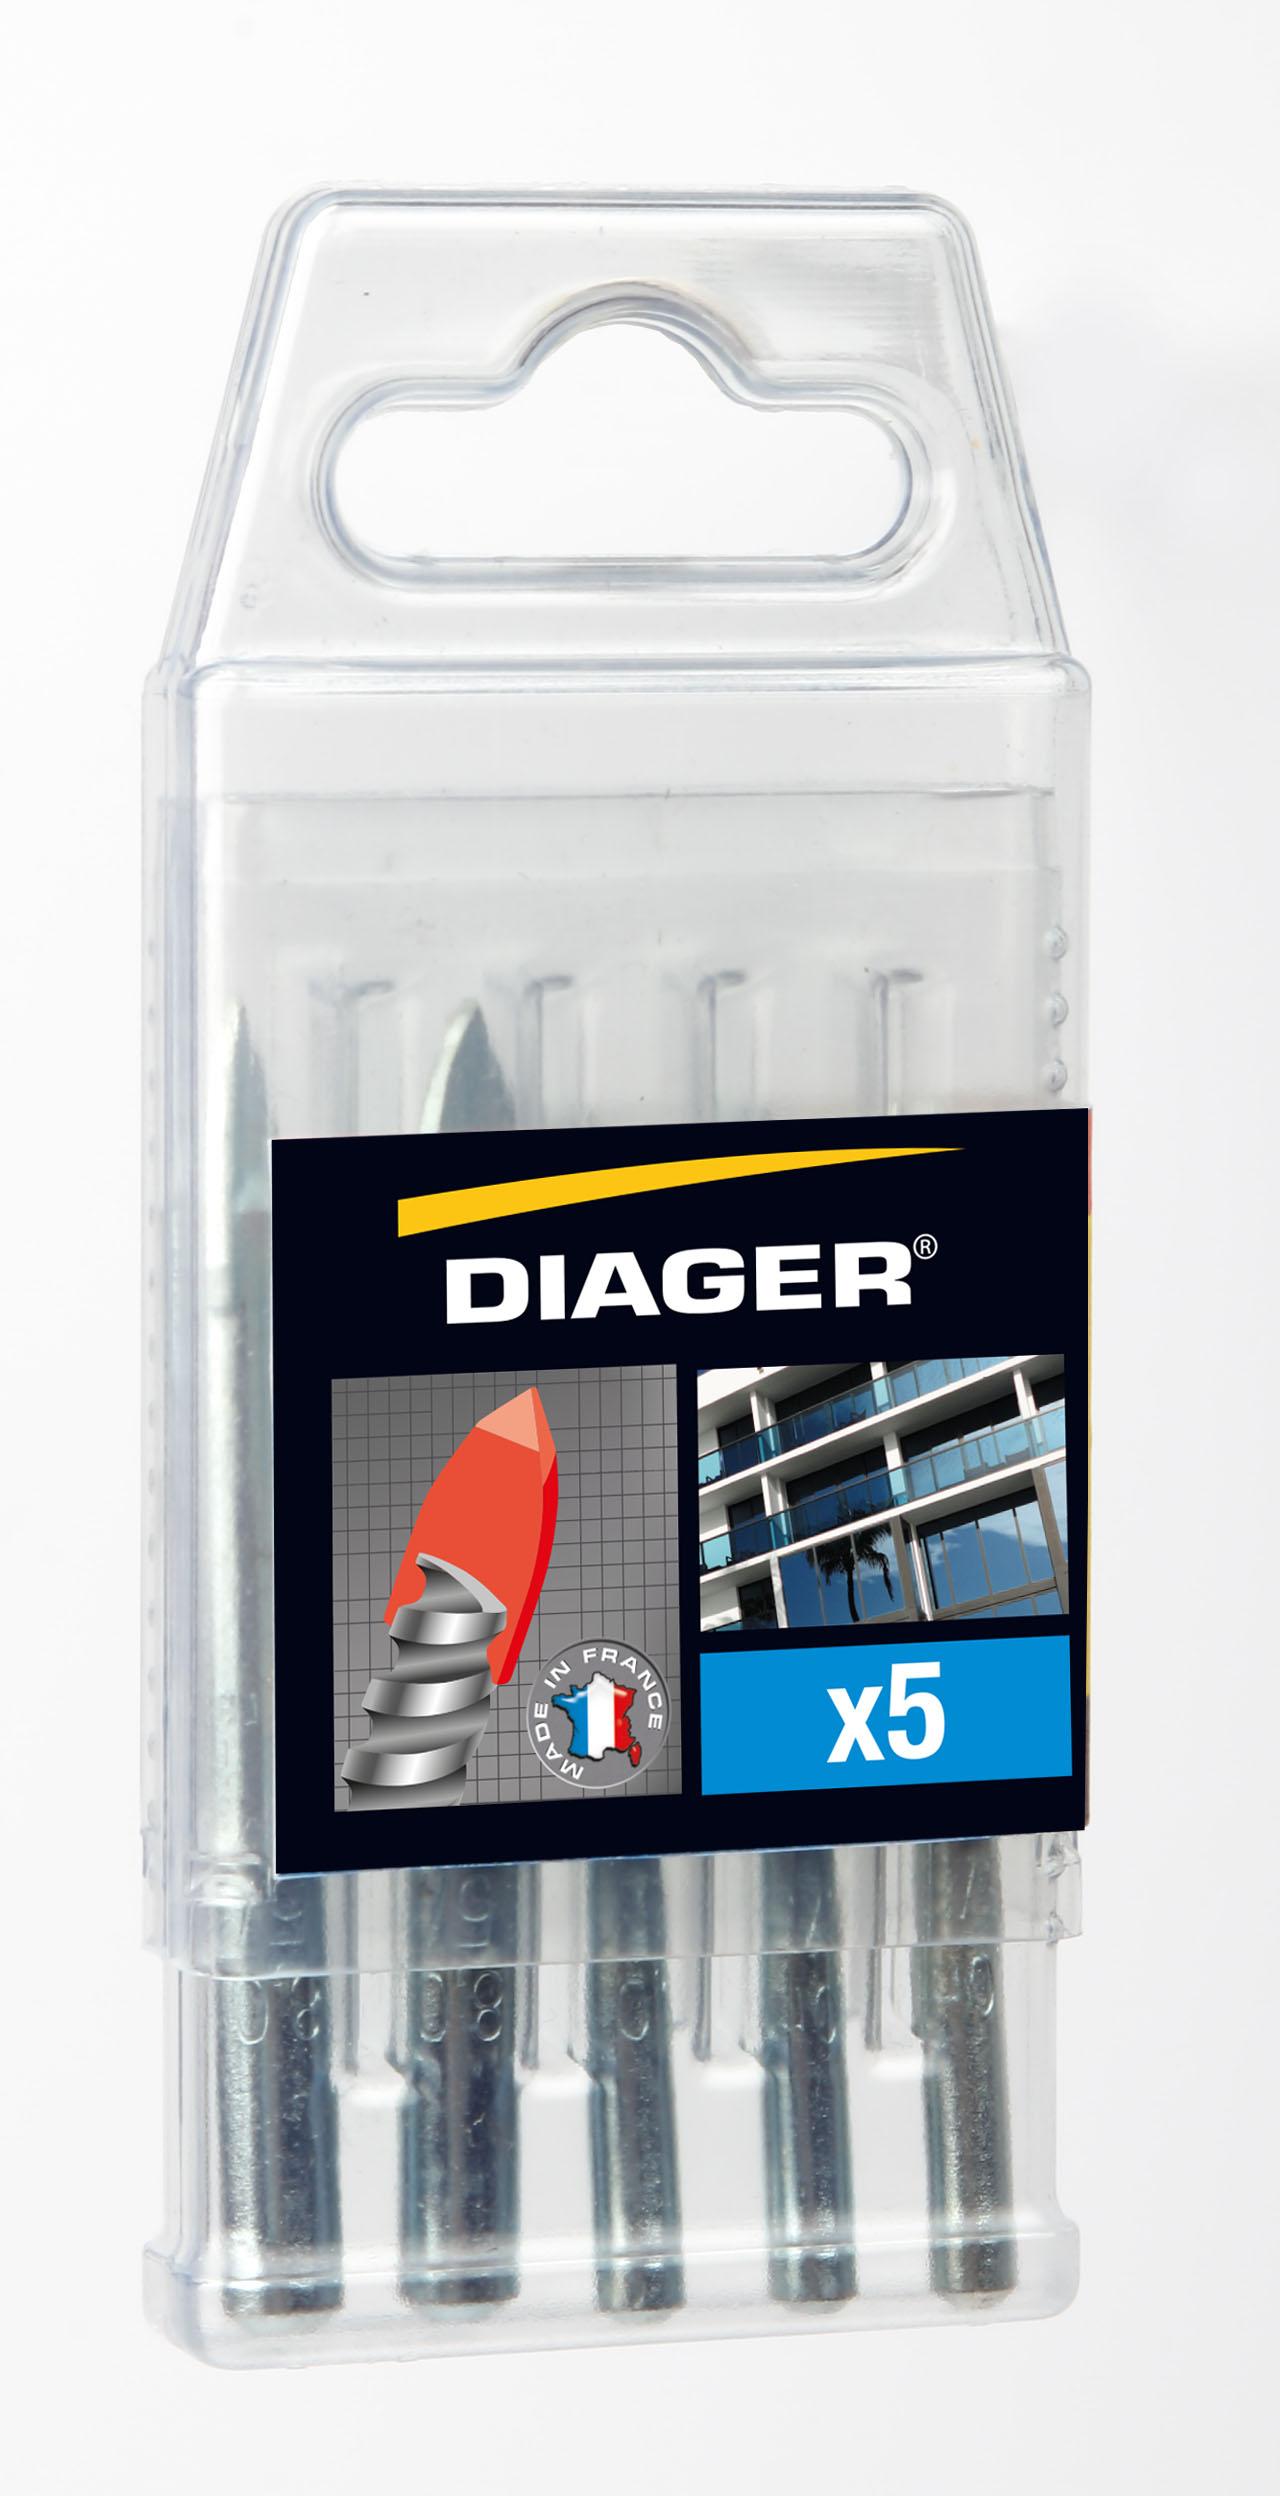 Drilling Ceratile Set 5 Ceratile drill bits sizes Ø 6 (X3) - Ø 8(X2)mm - 408C.jpg